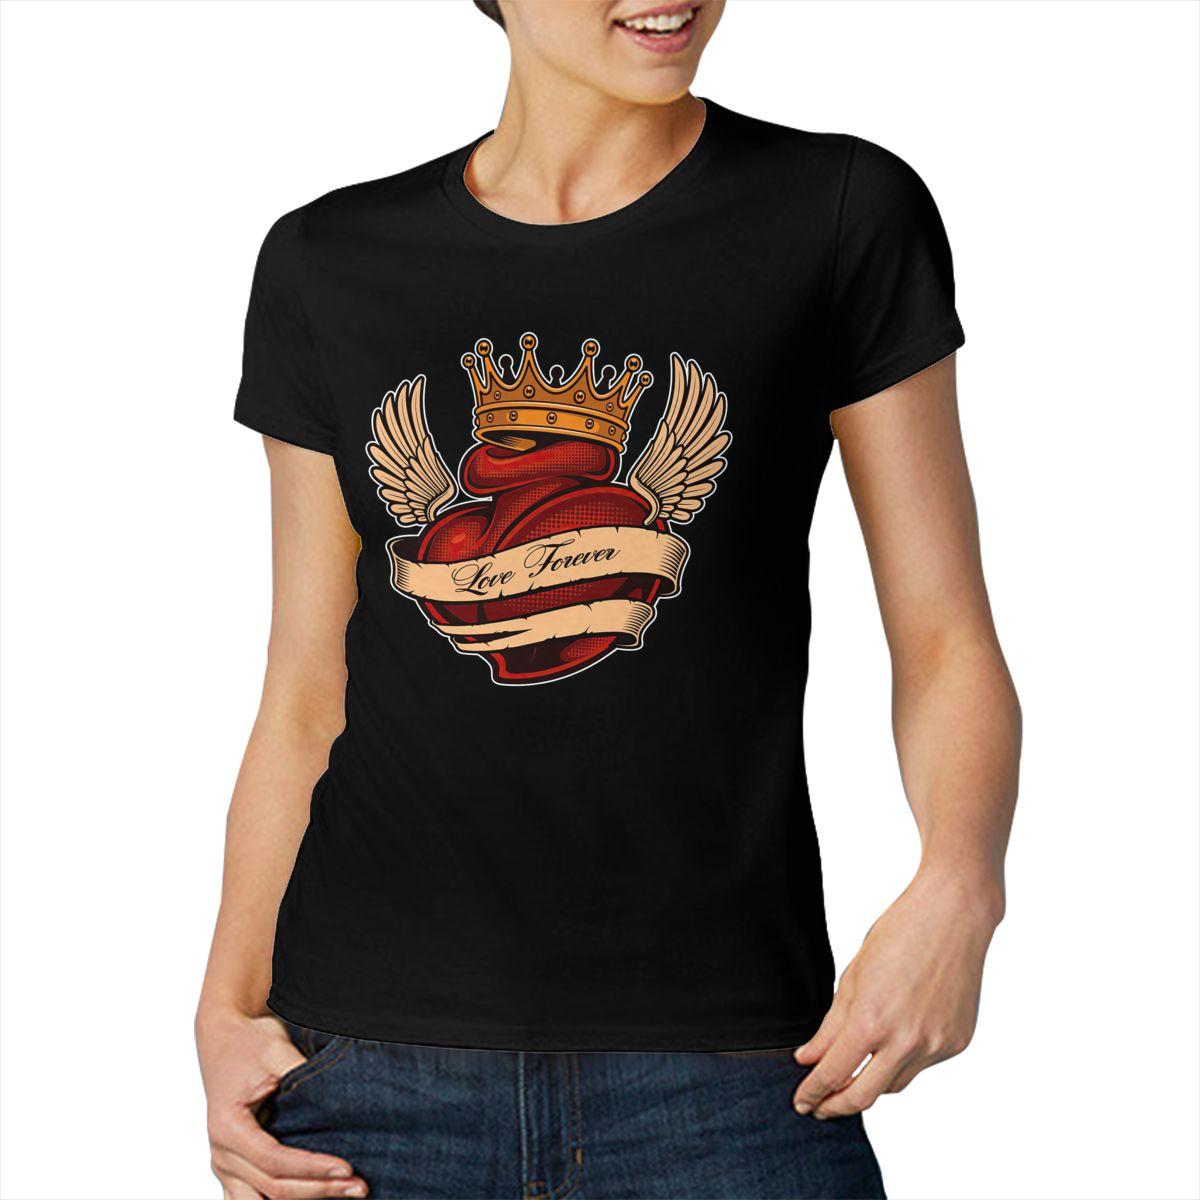 Сердце крылья и носит корона в подарок, мультипликационным изображением крутая футболка с короткими рукавами Топ